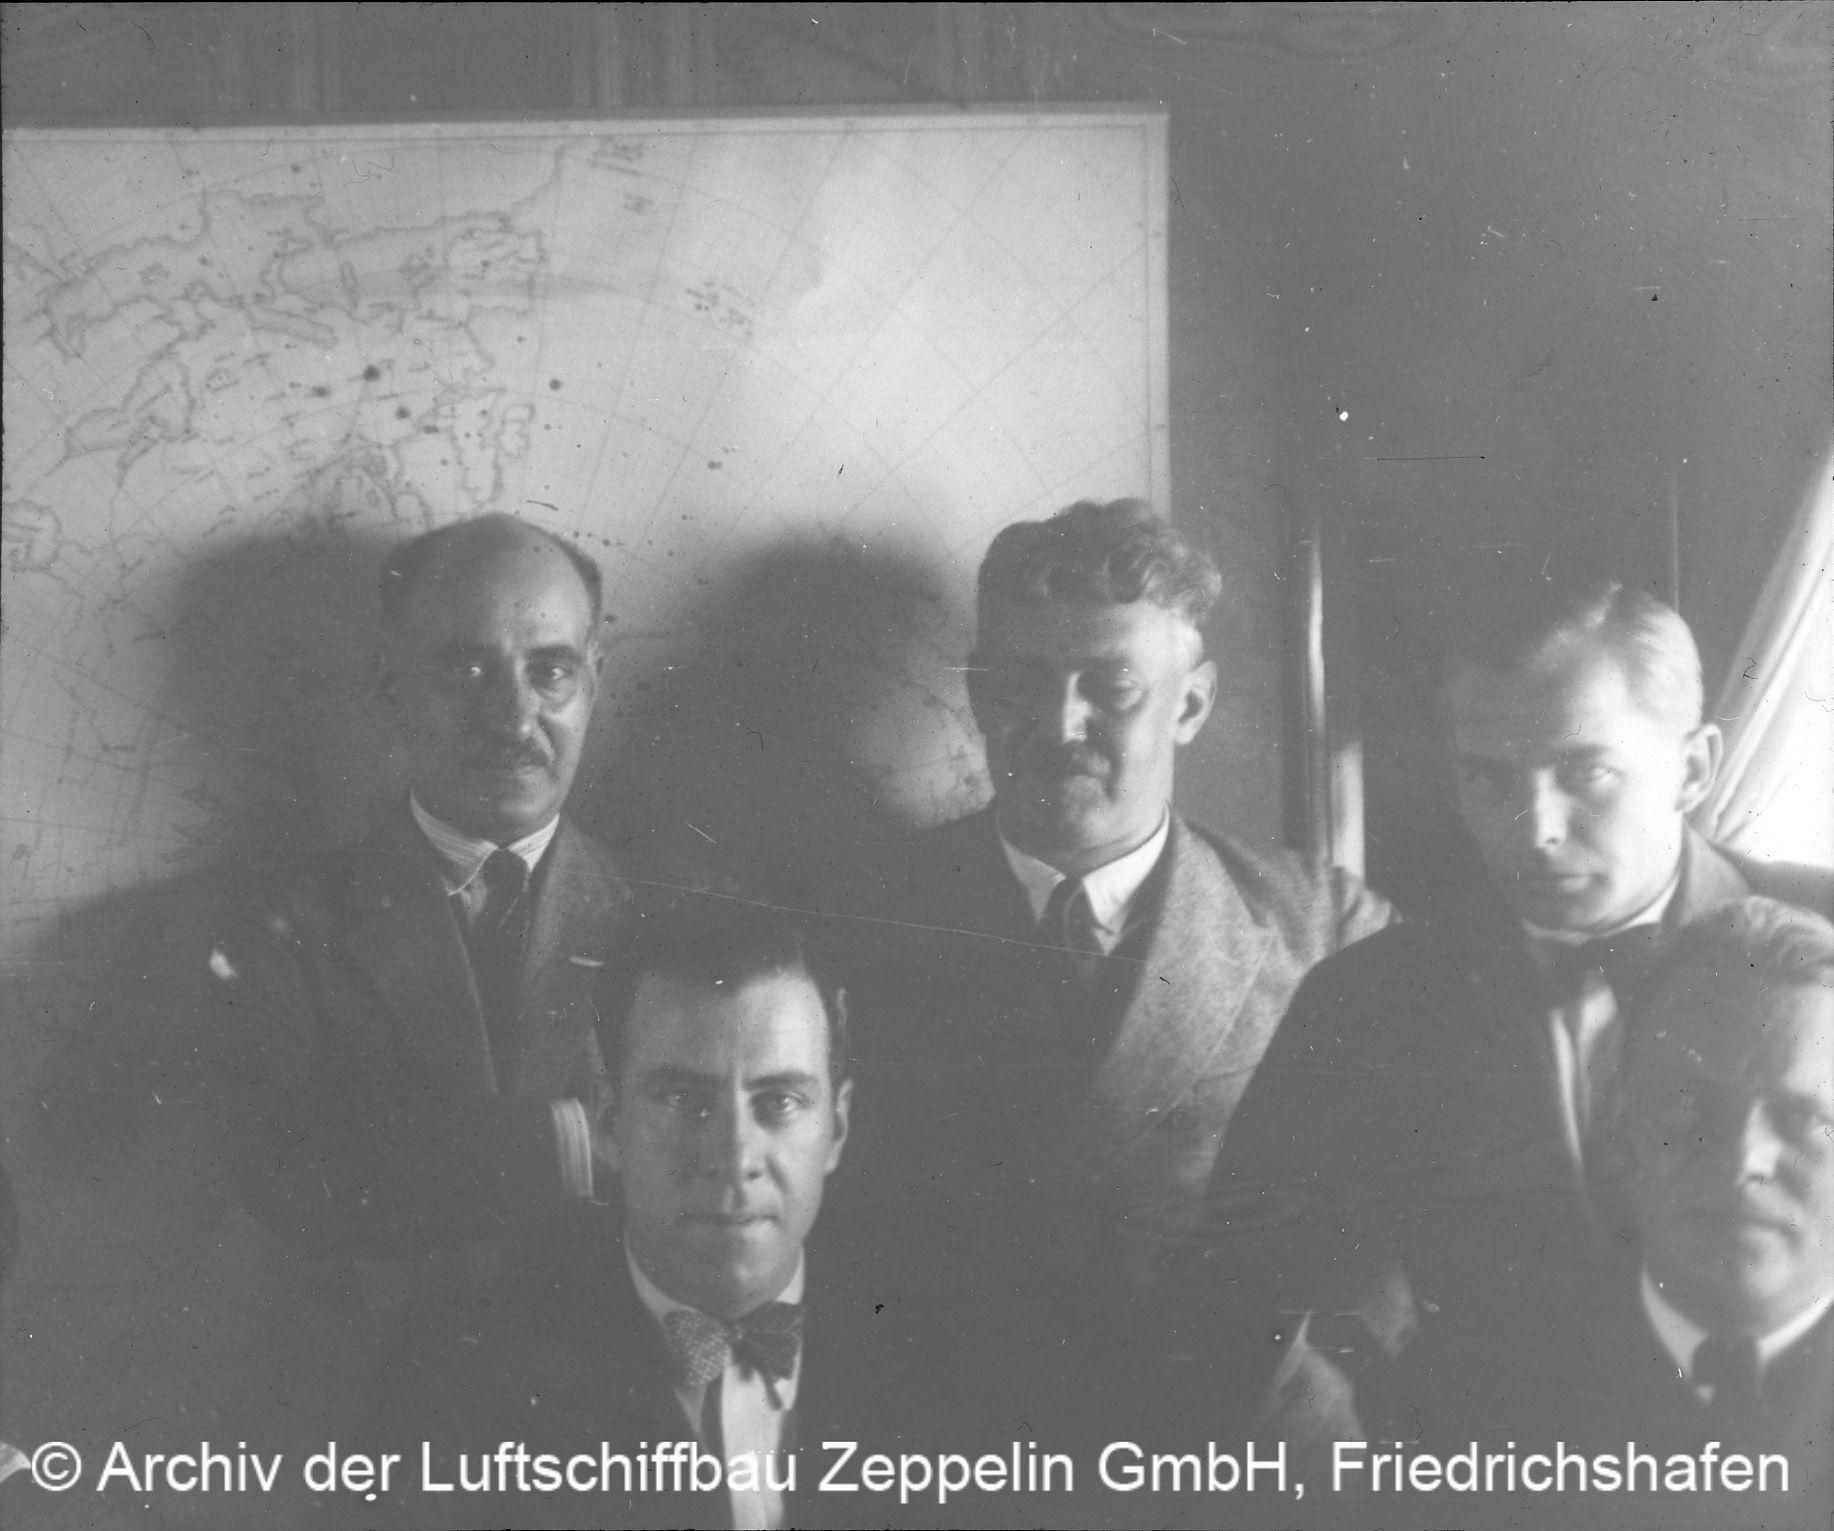 Gruppenbild im Salon © Archiv der Luftschiffbau Zeppelin GmbH